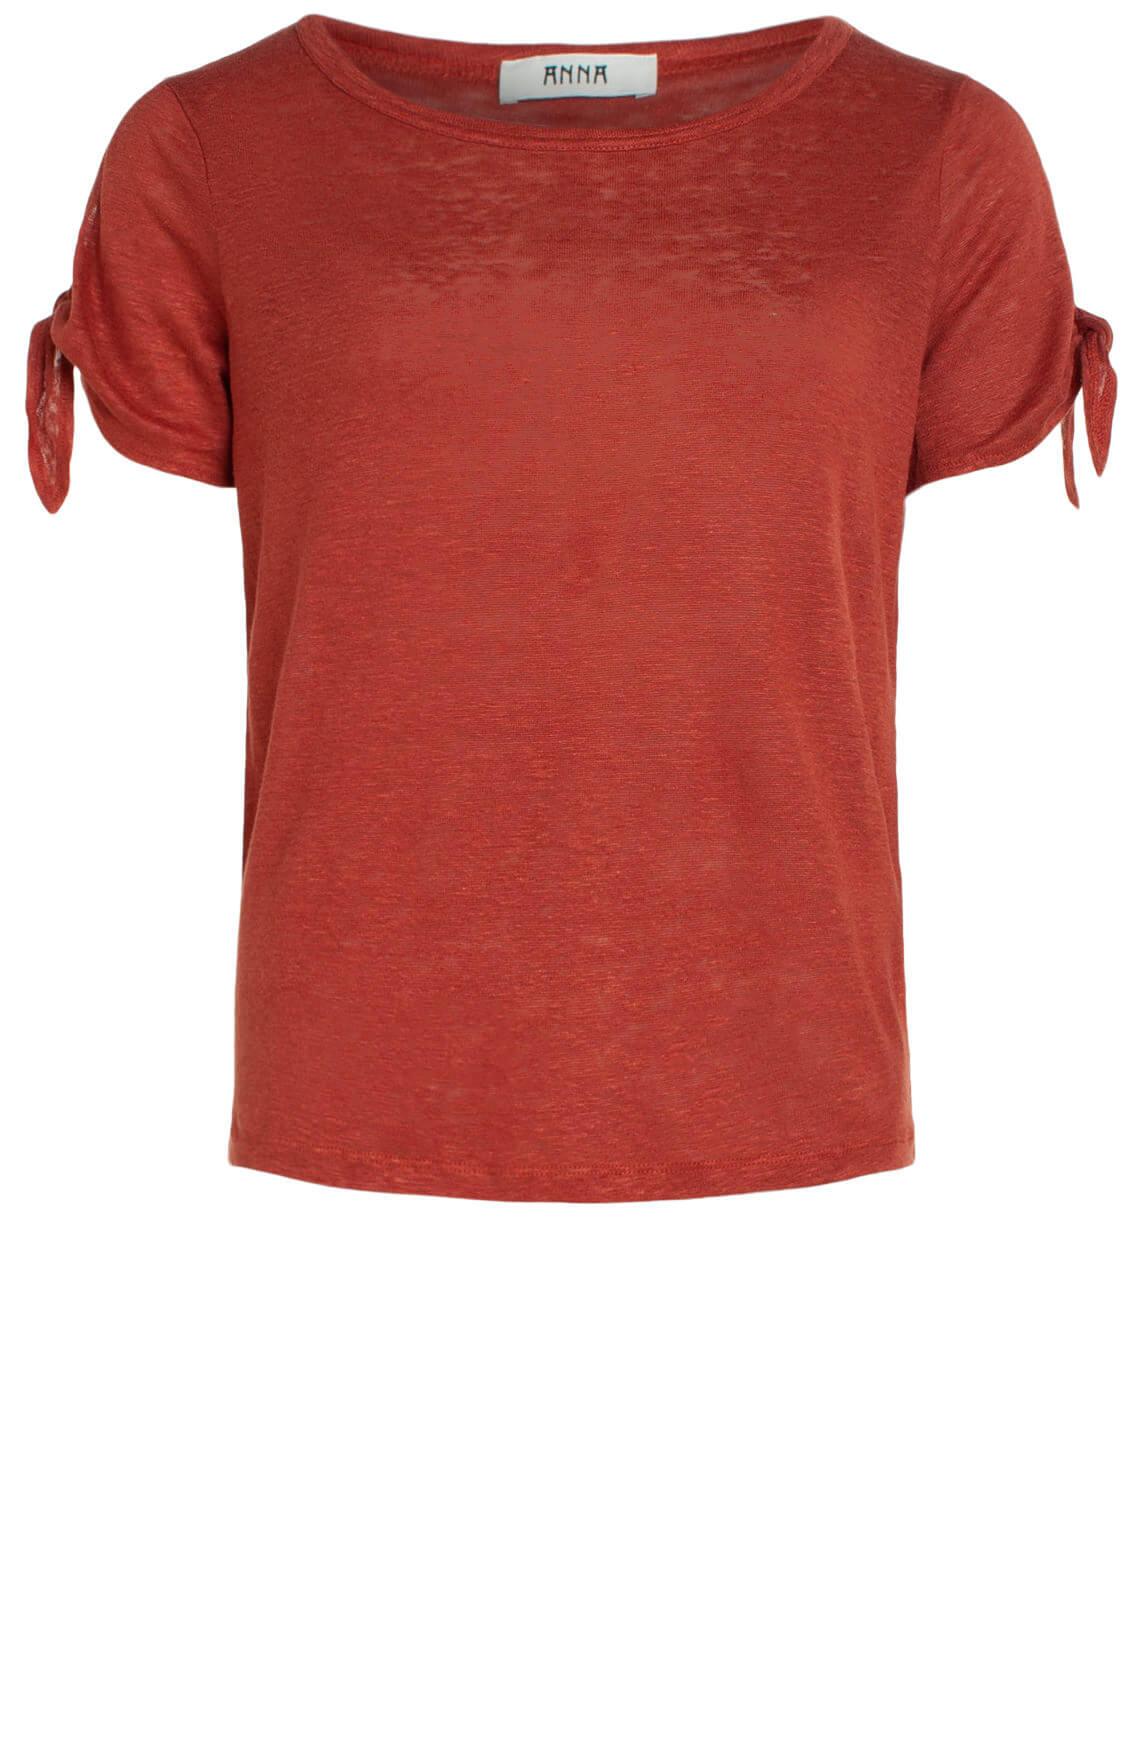 Anna Dames Linnen shirt met knoopdetail Rood